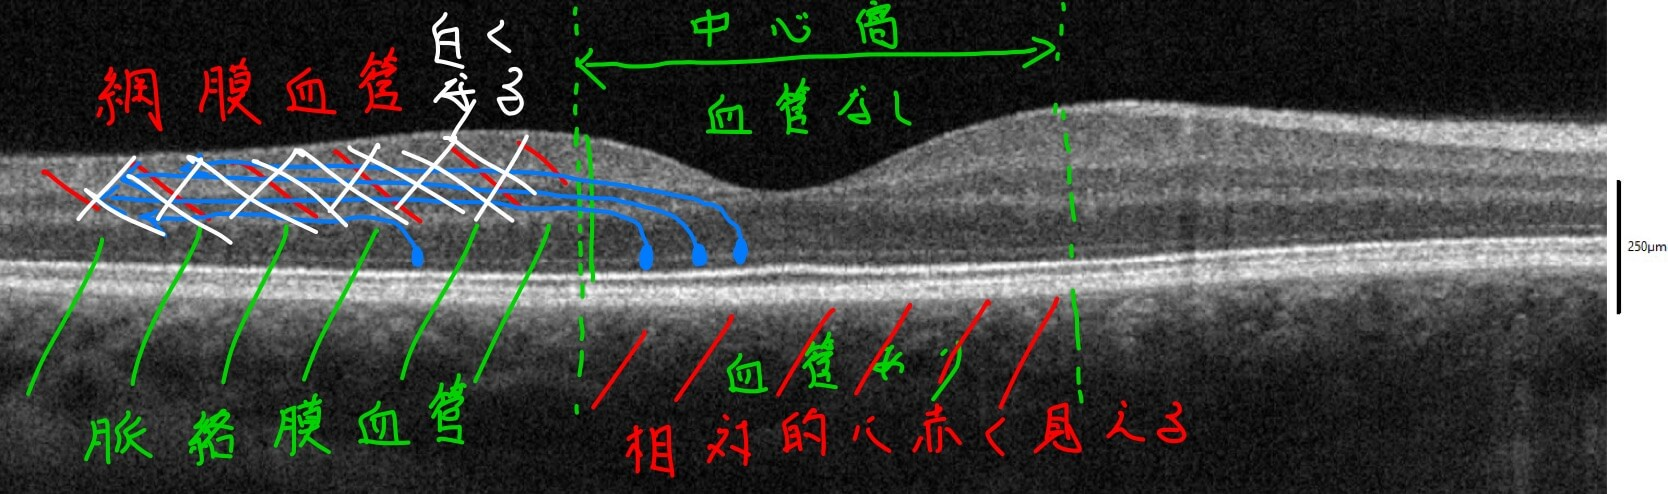 網膜中心動脈閉塞症でcherry red spotになる理由